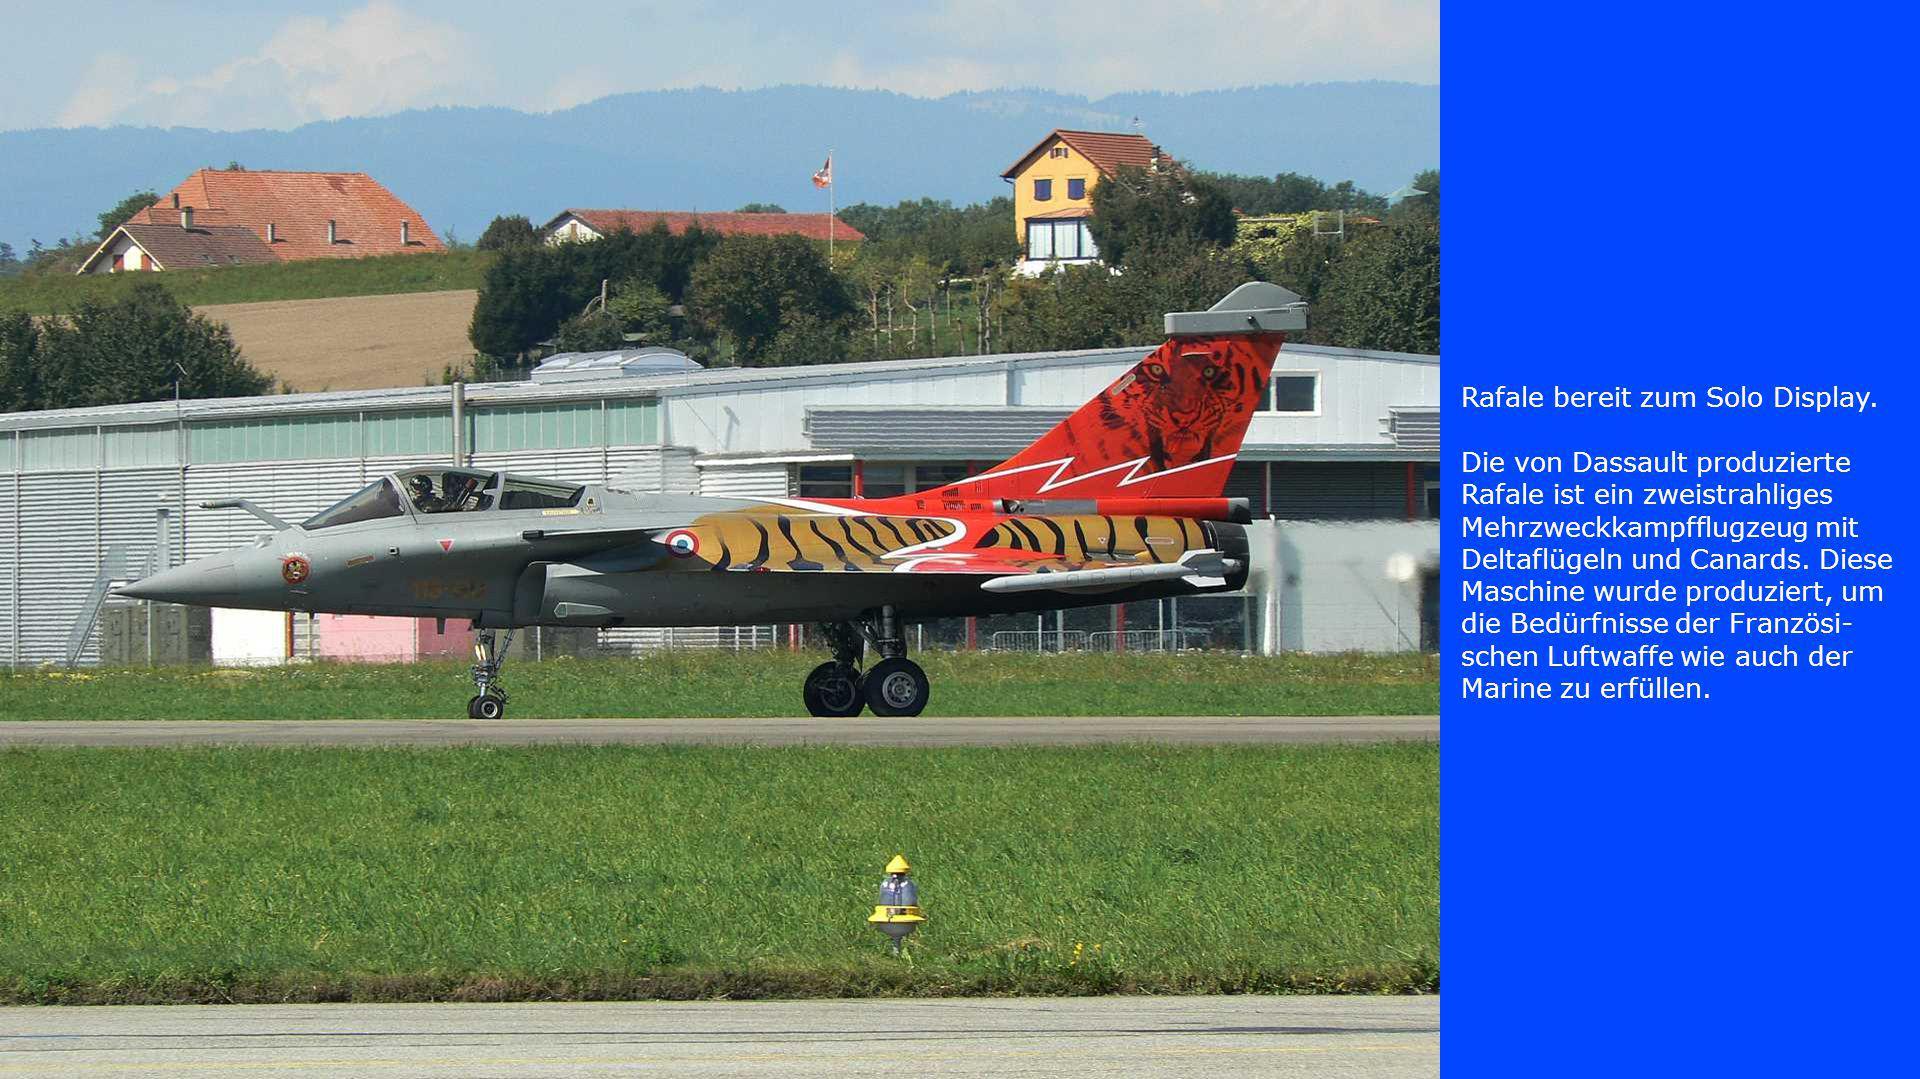 Rafale bereit zum Solo Display. Die von Dassault produzierte Rafale ist ein zweistrahliges Mehrzweckkampfflugzeug mit Deltaflügeln und Canards. Diese